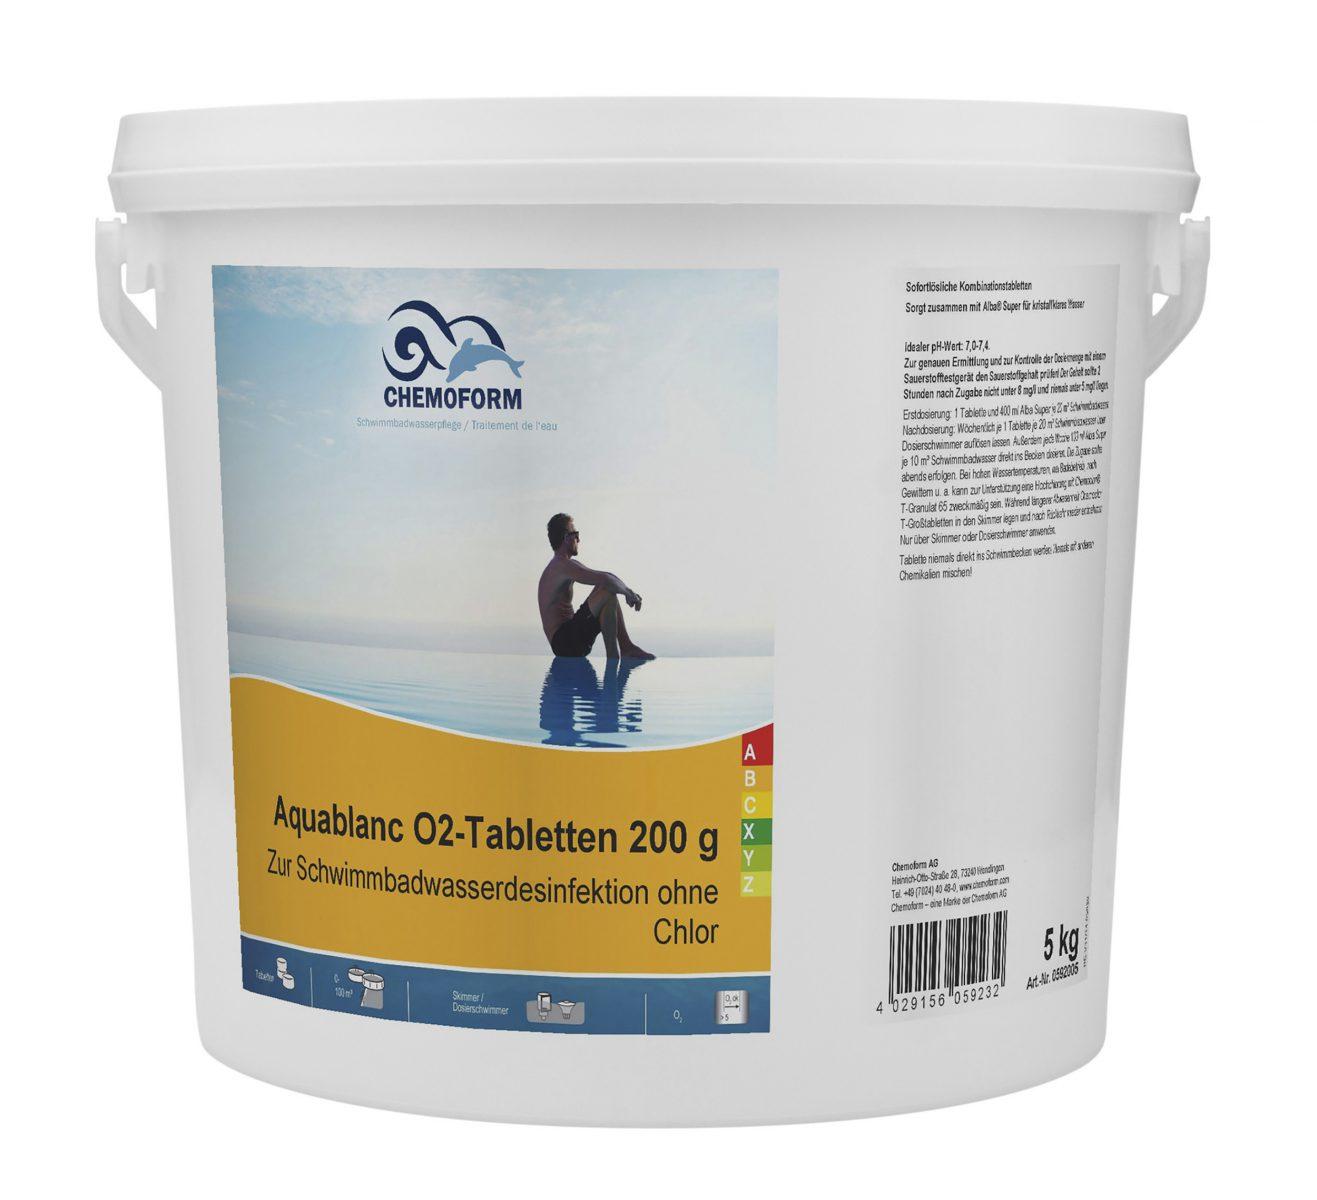 Активный кислород в таблетках для дезинфекции воды в бассейнах Аквабланк О2 (200 г), 50 кг